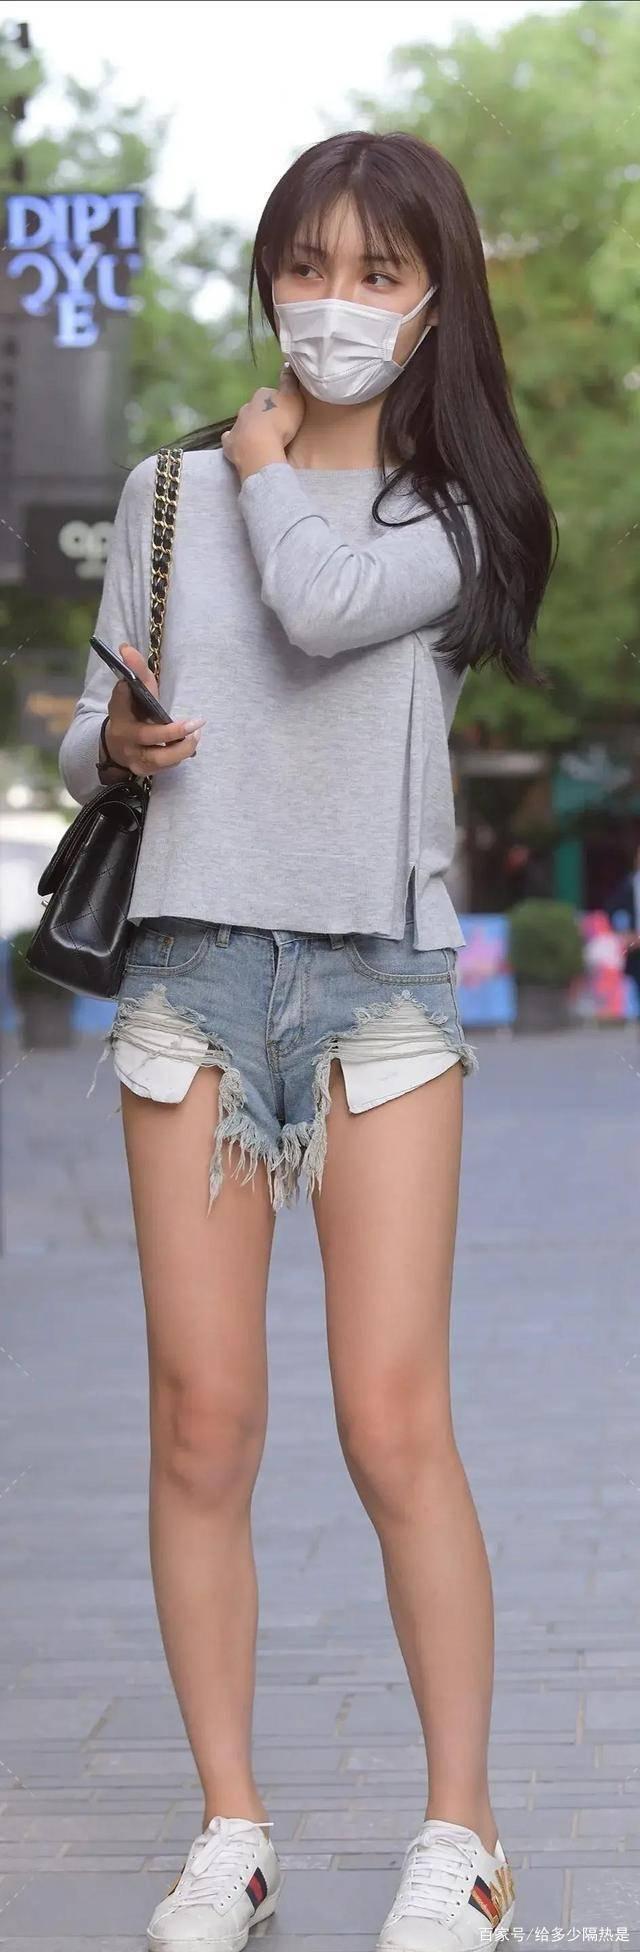 靓丽闪耀的打底裤穿出别样风采,衬托出一双美腿,青春阳光